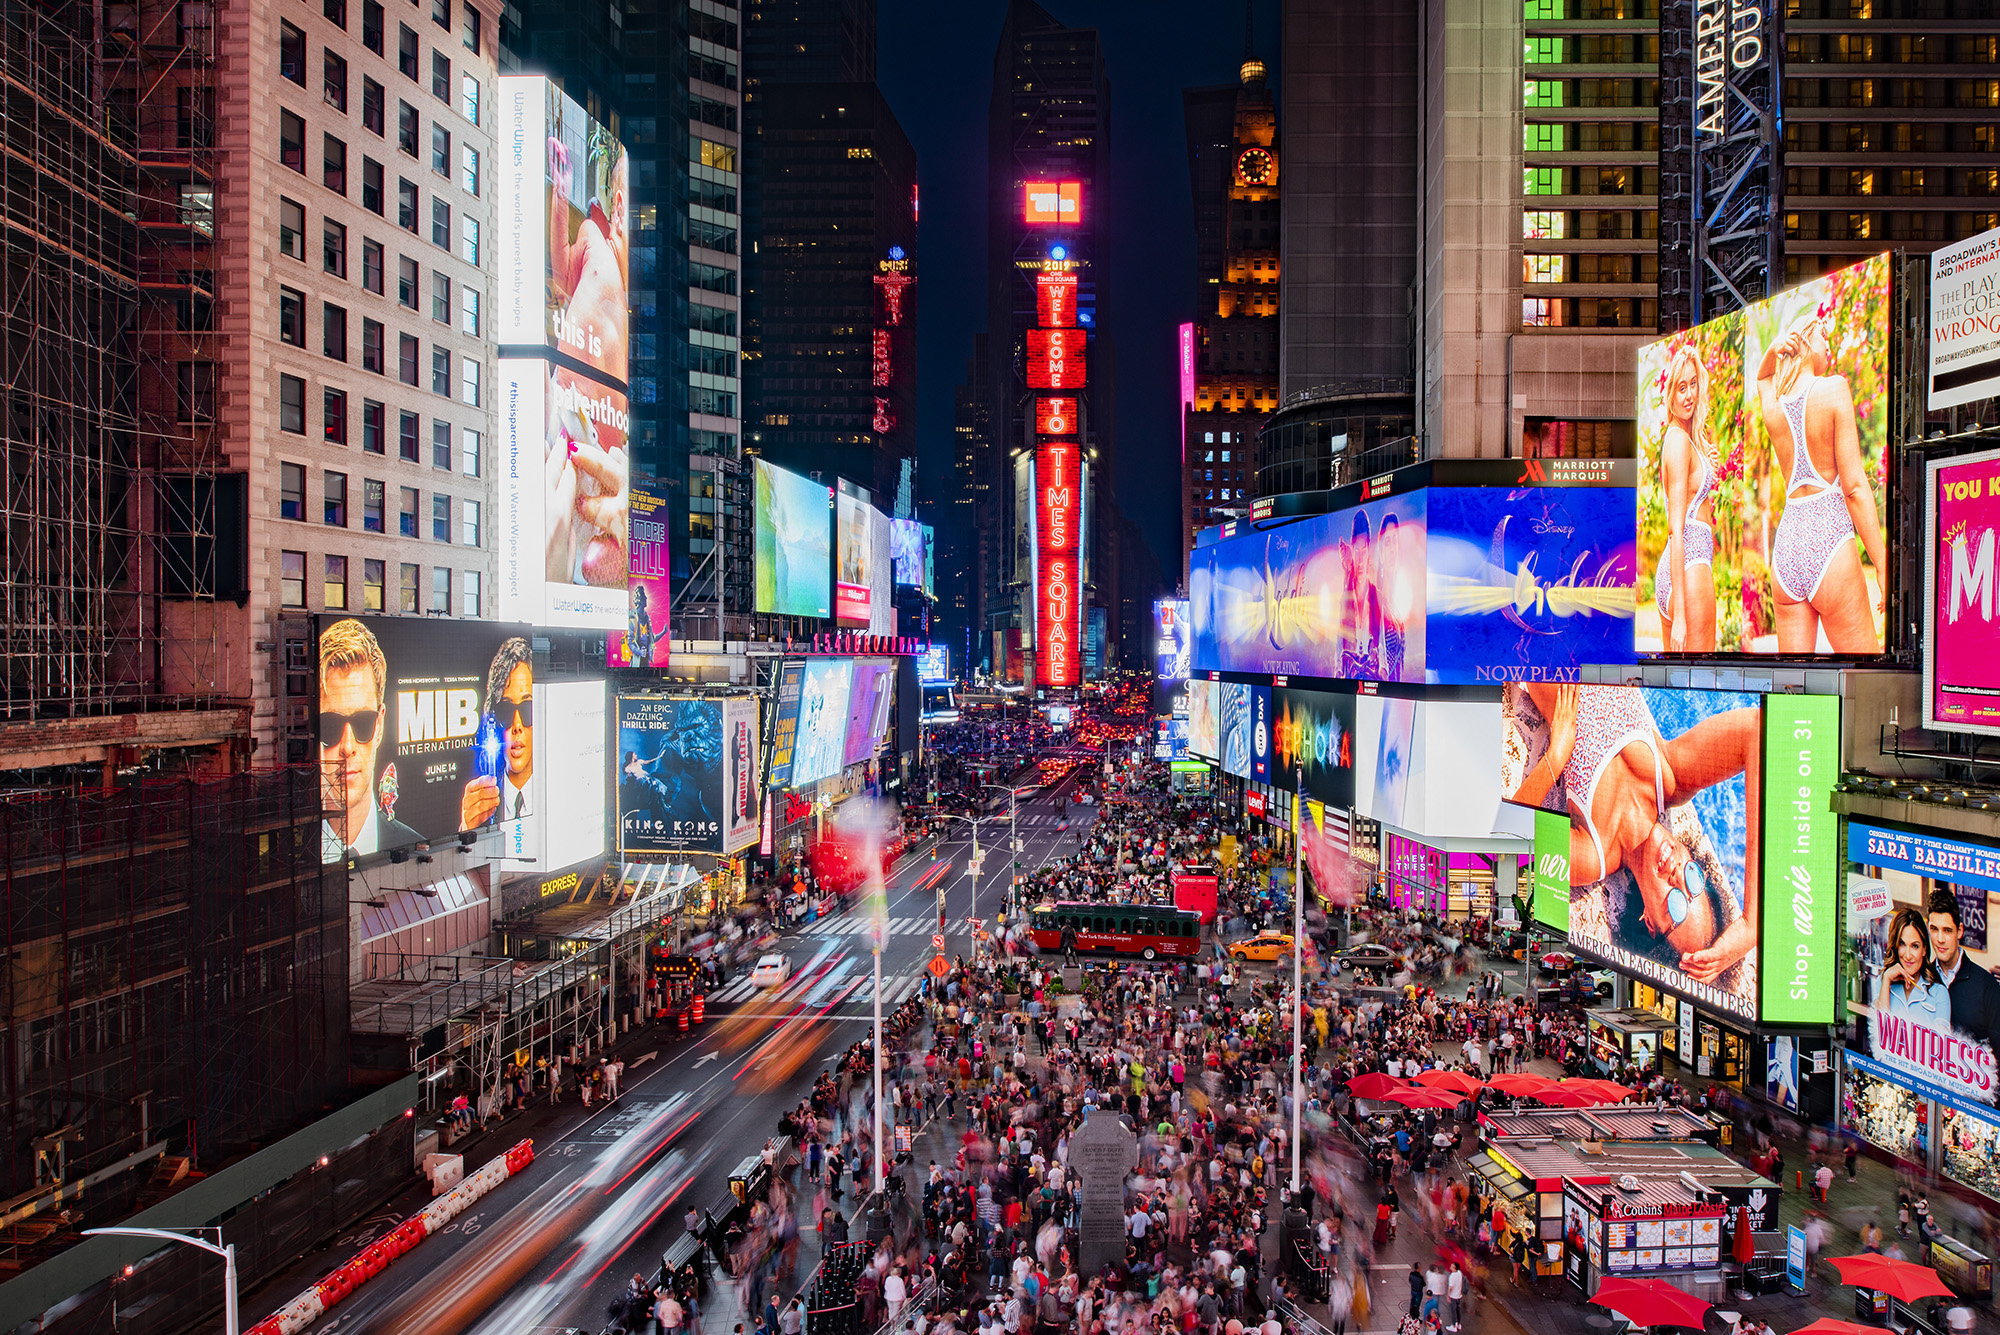 Samsung установила новейший LED-экран в центре Нью-Йорка